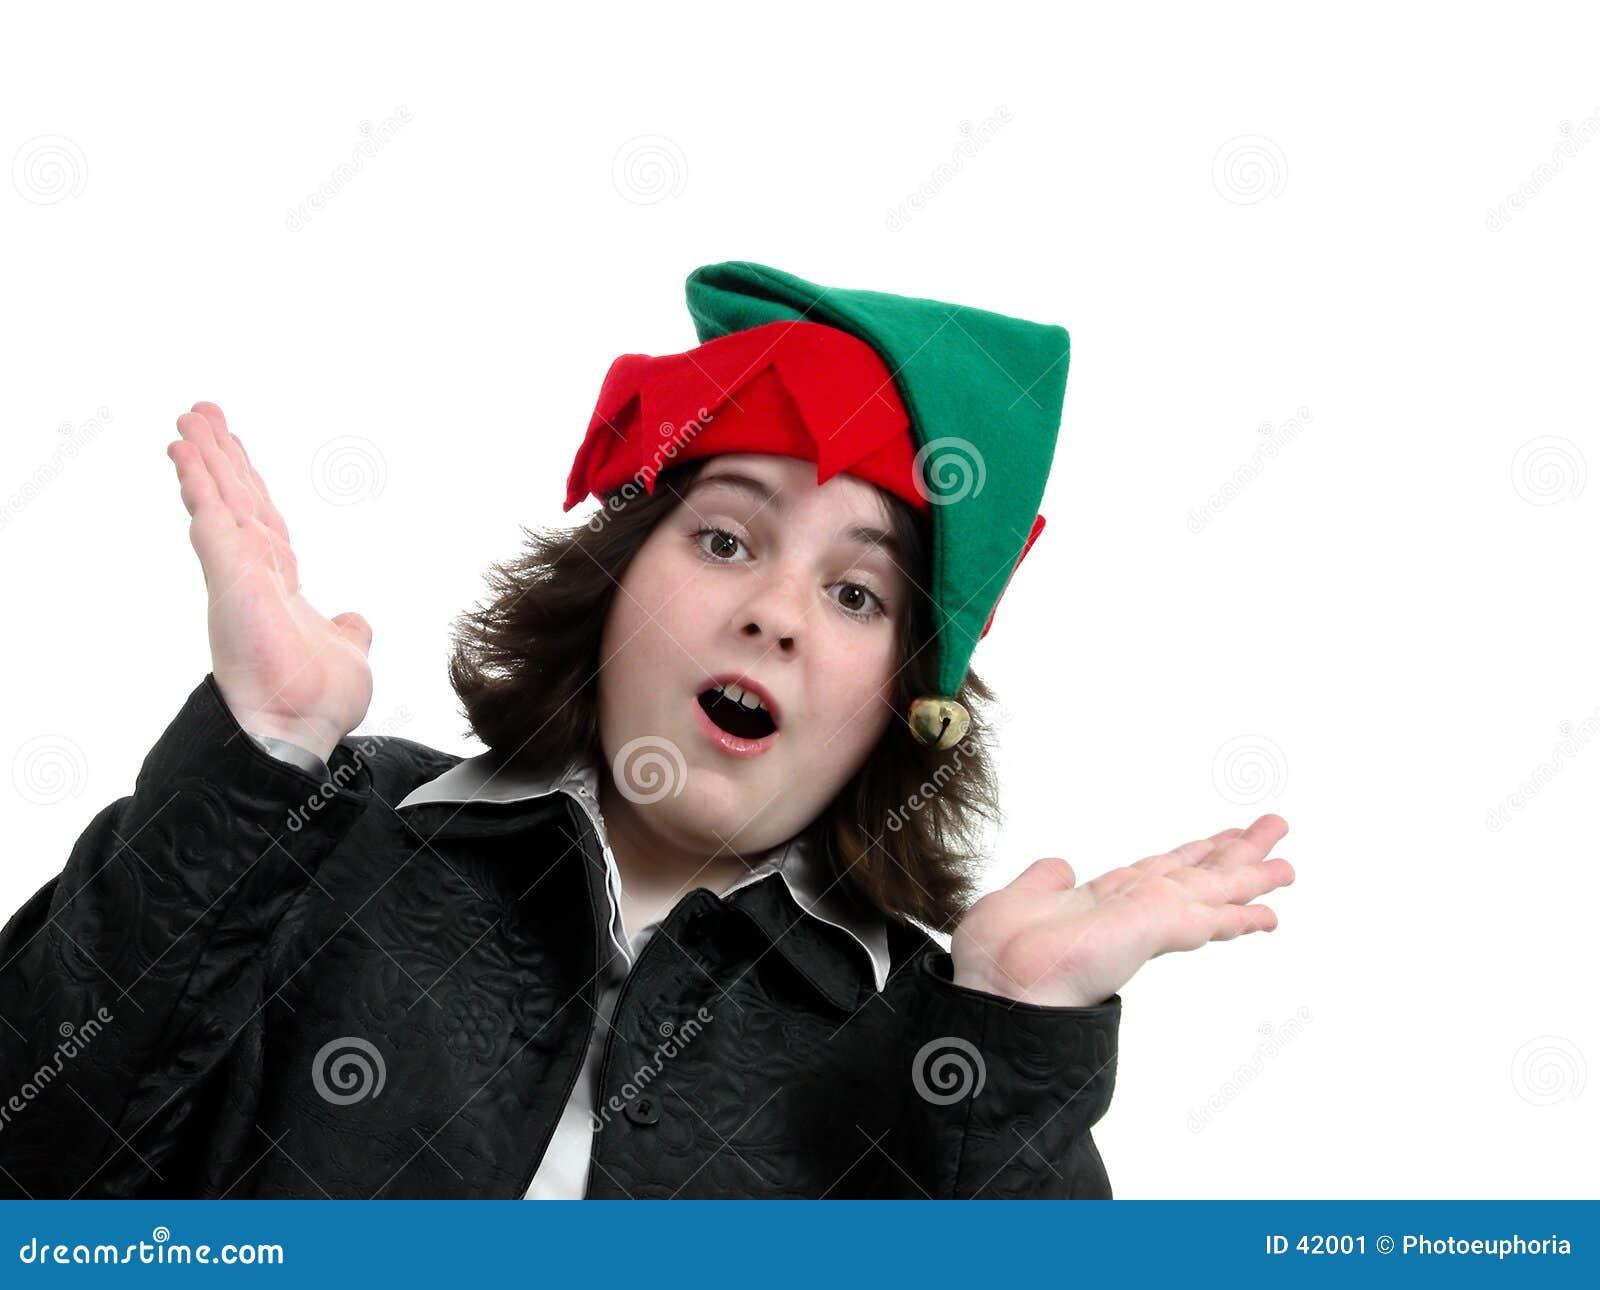 Feiertags-jugendlich Mädchen überraschte